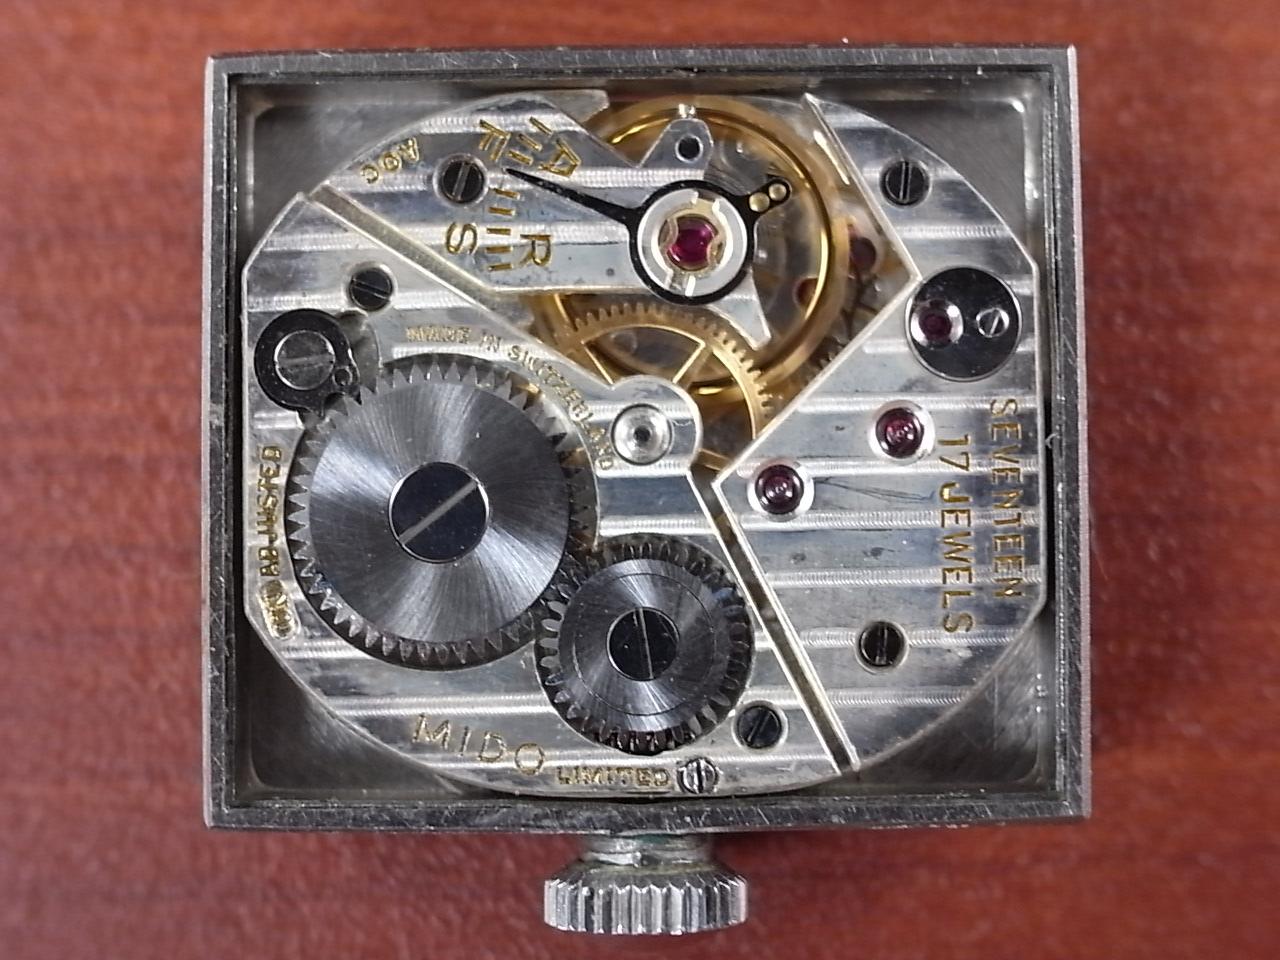 ミドー レクタンギュラー 角型スライド防水ケース グレーダイアル 1940年代の写真5枚目